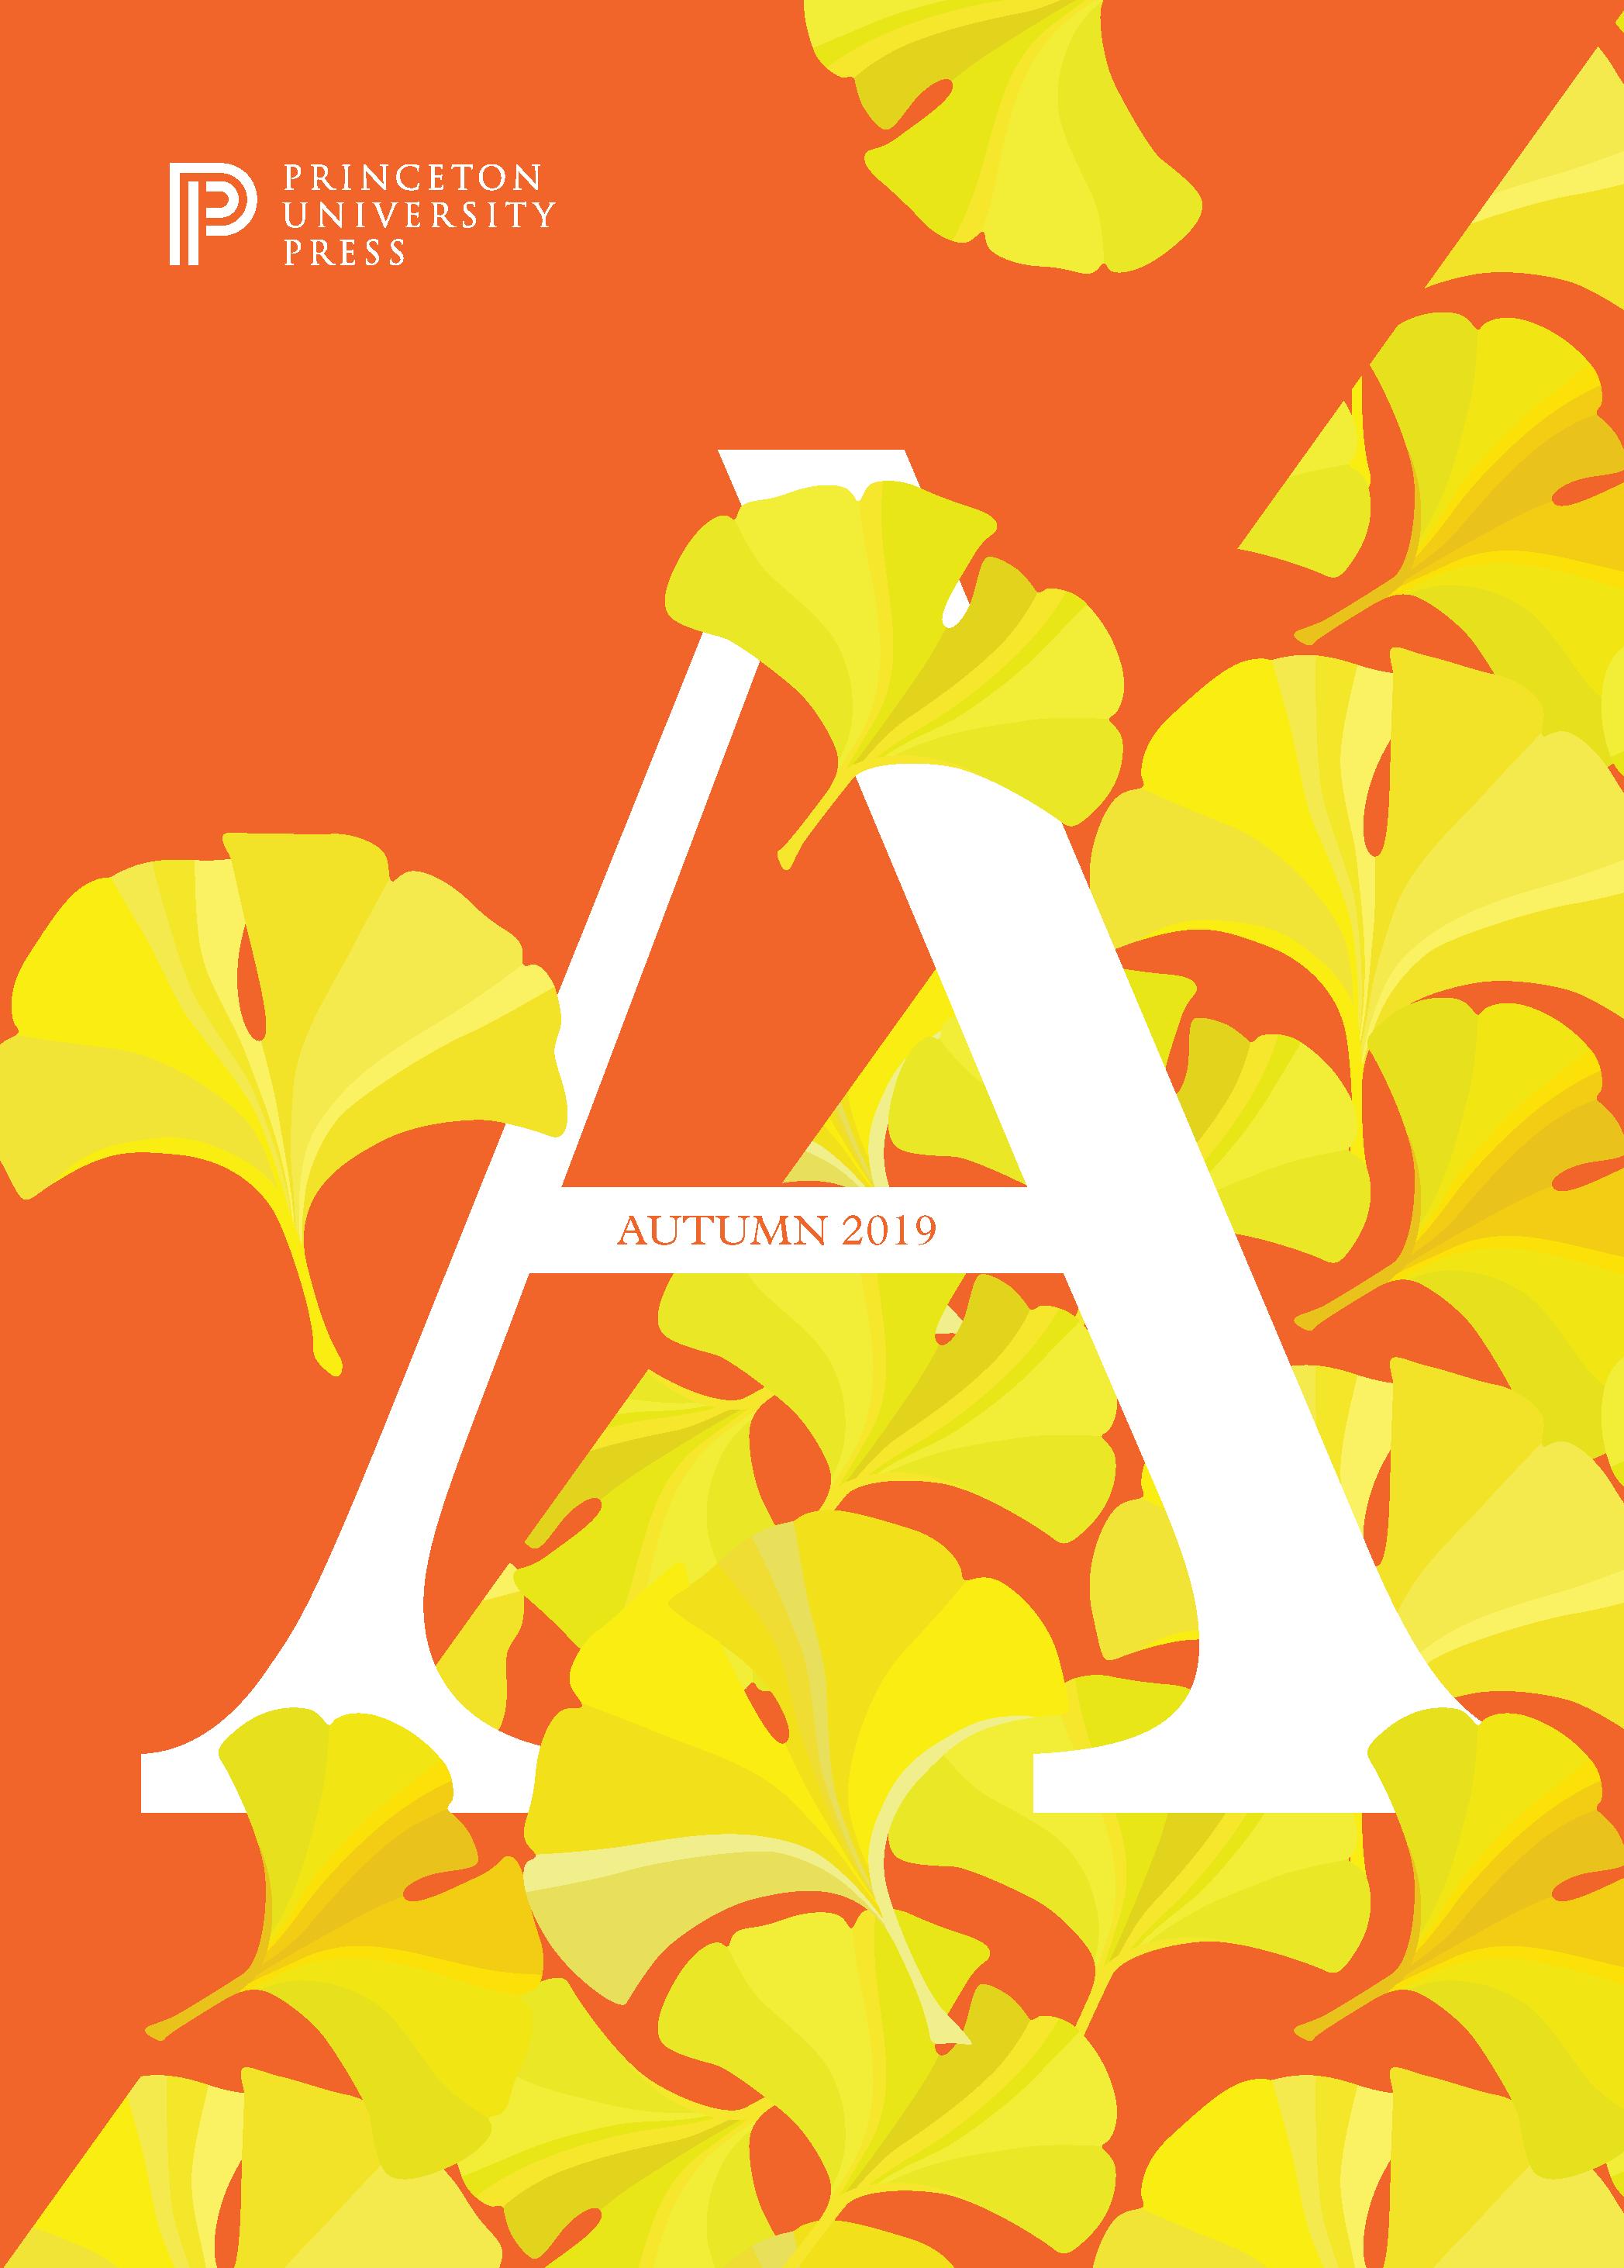 Autumn 2019 Catalog Cover